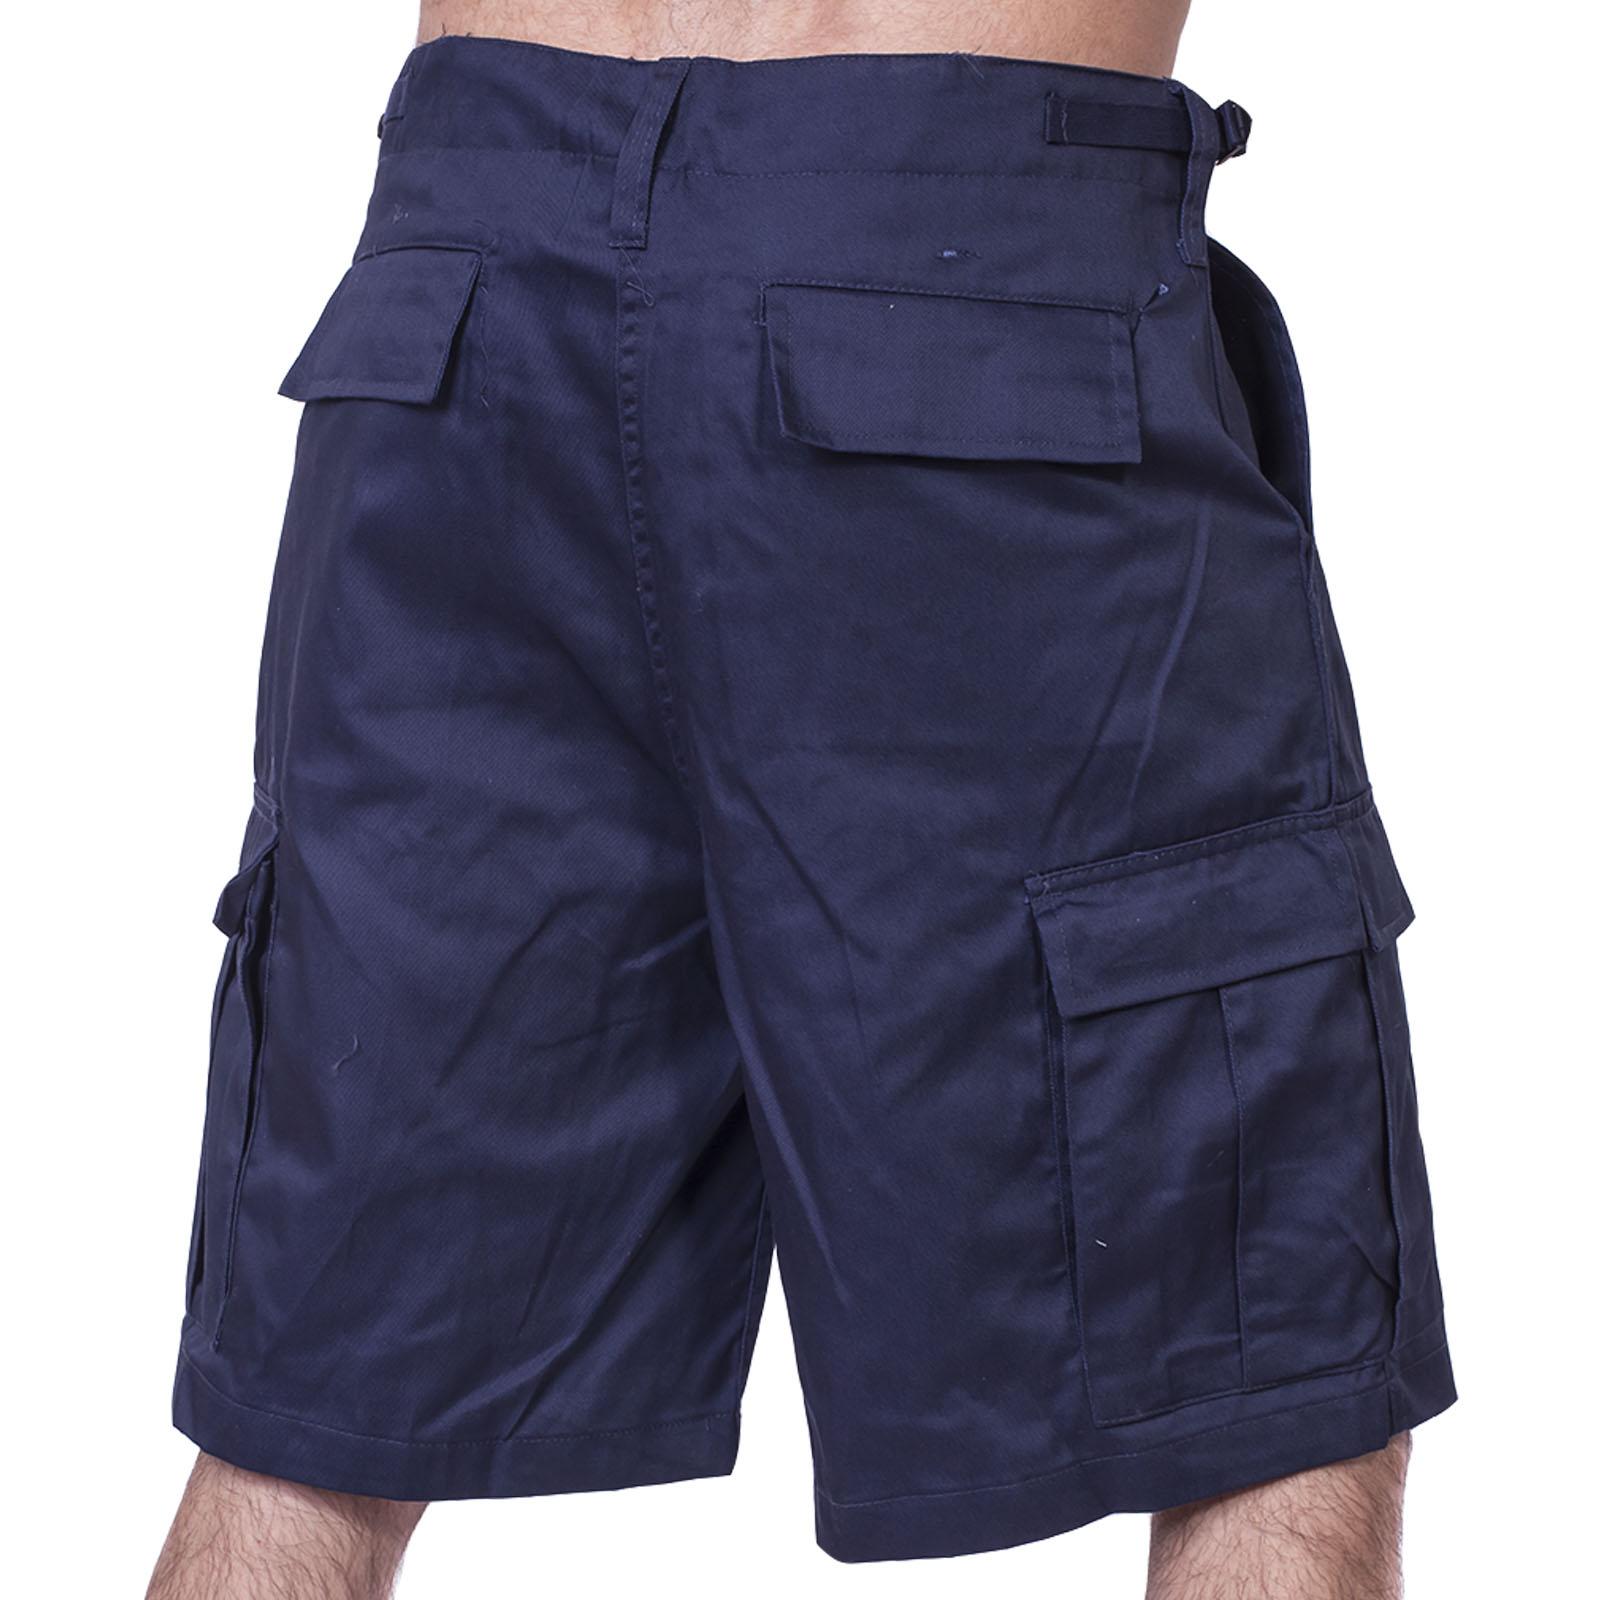 Заказать с доставкой шорты для мужчин — специальная цена